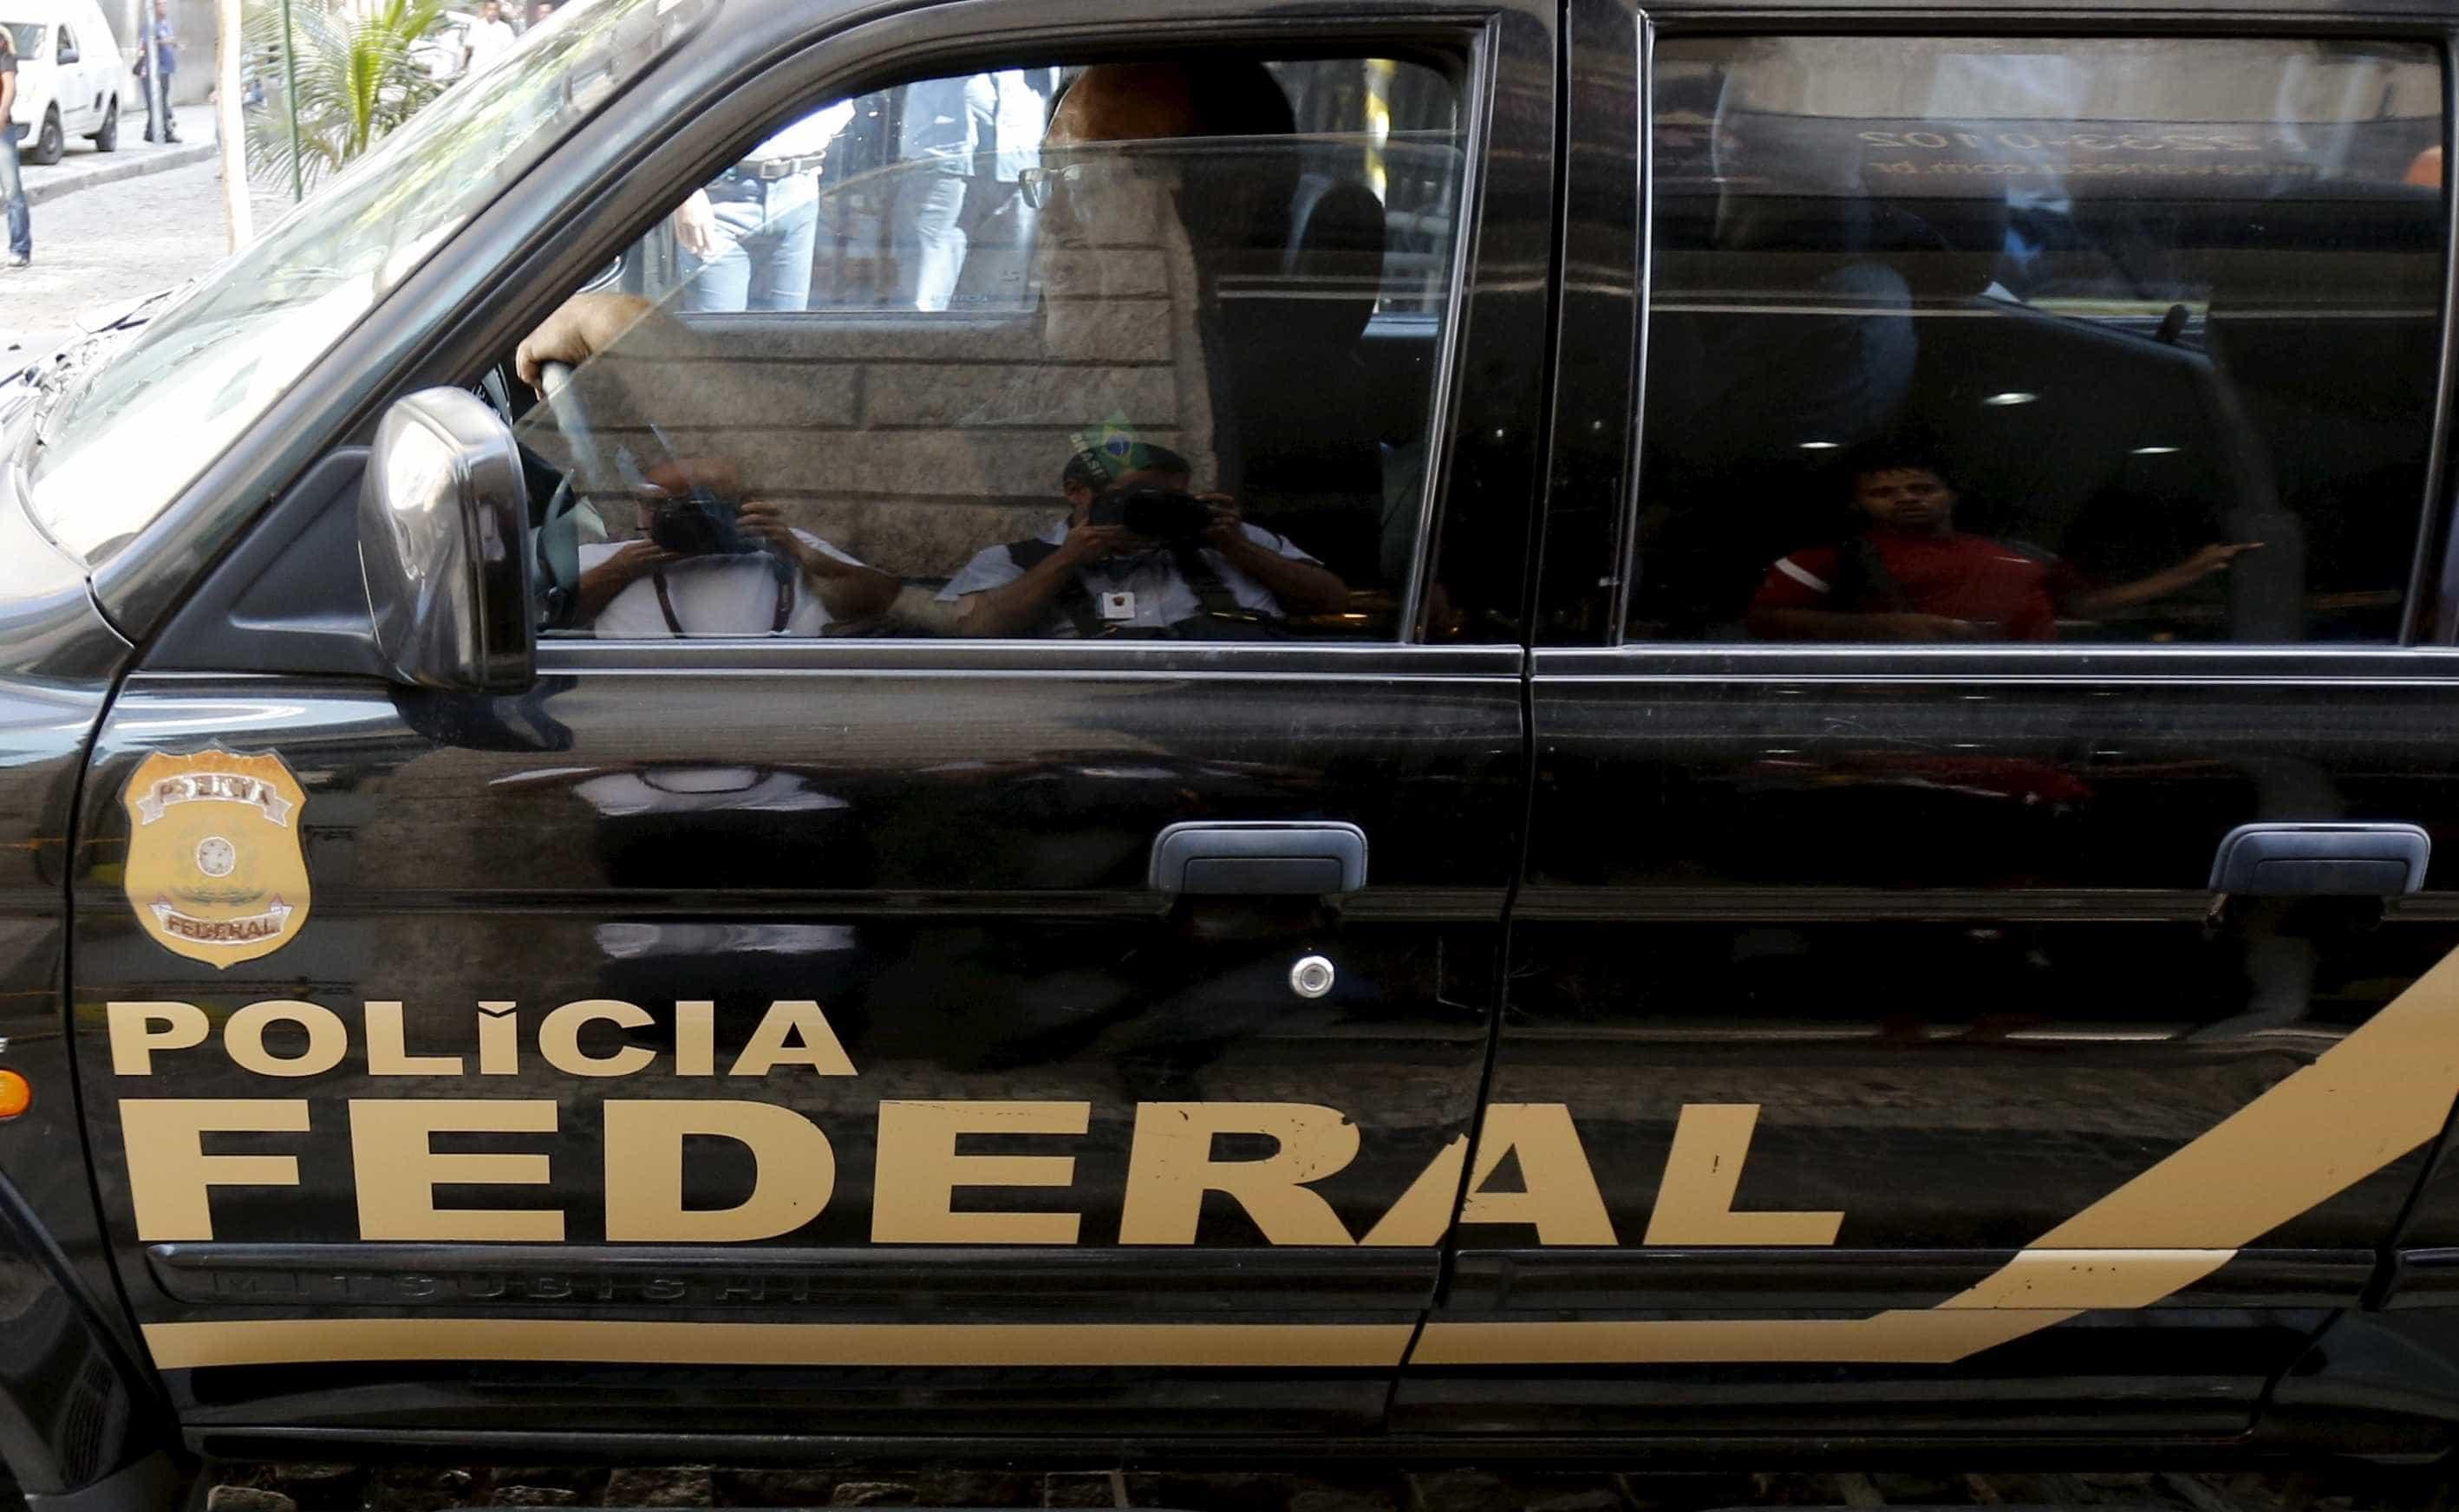 Operação da PF descobre 50 quilos de maconha enterrada na Paraíba